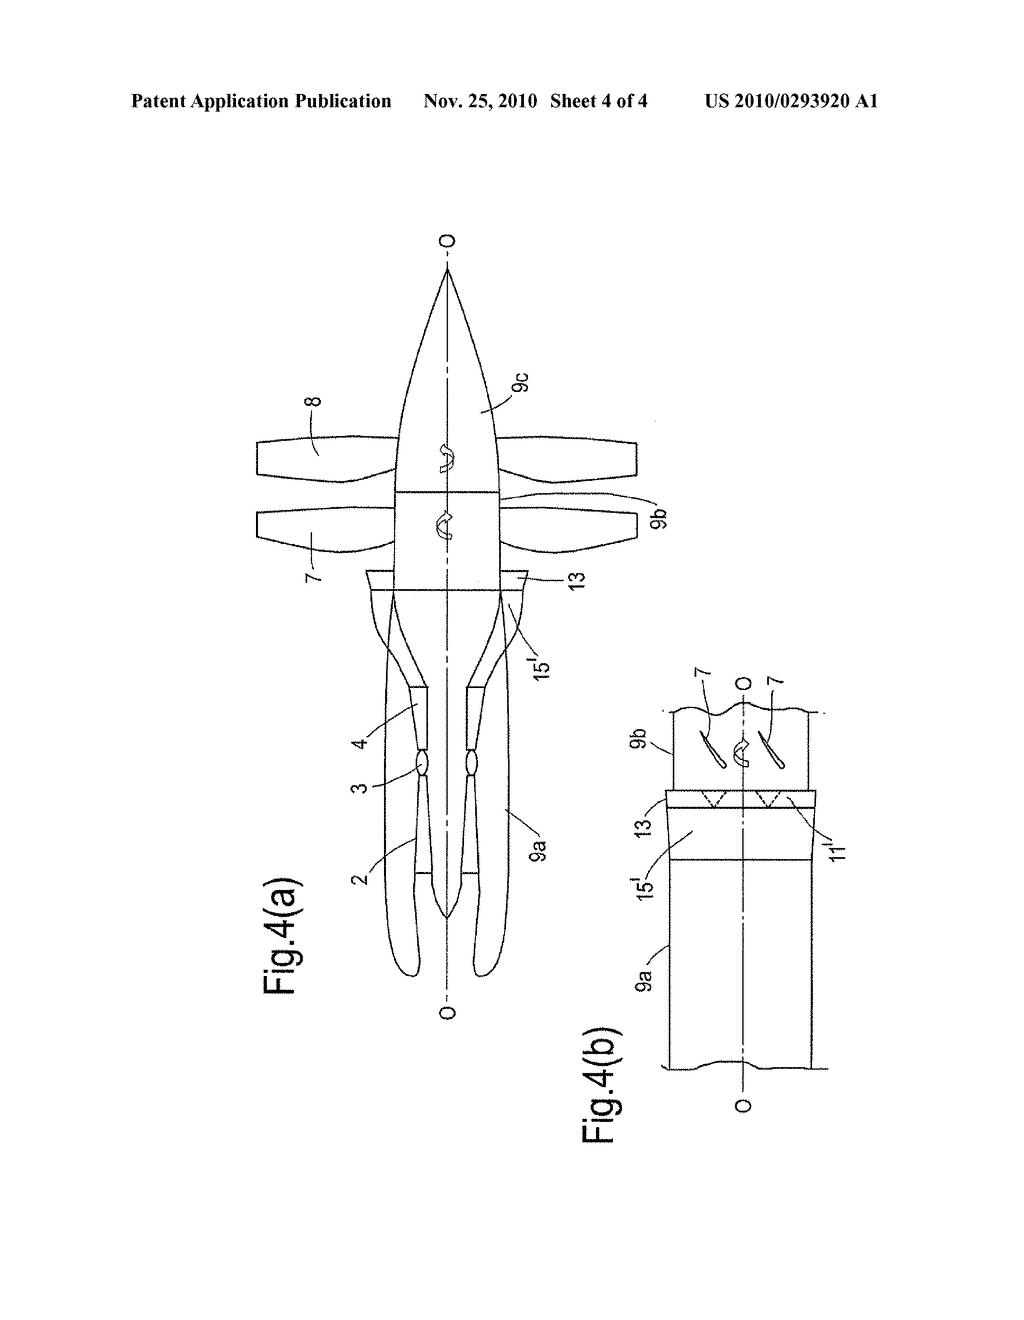 Unducted Fan Engine Diagram Modern Design Of Wiring Turboprop Library Rh 10 Evitta De Propfan Ksp